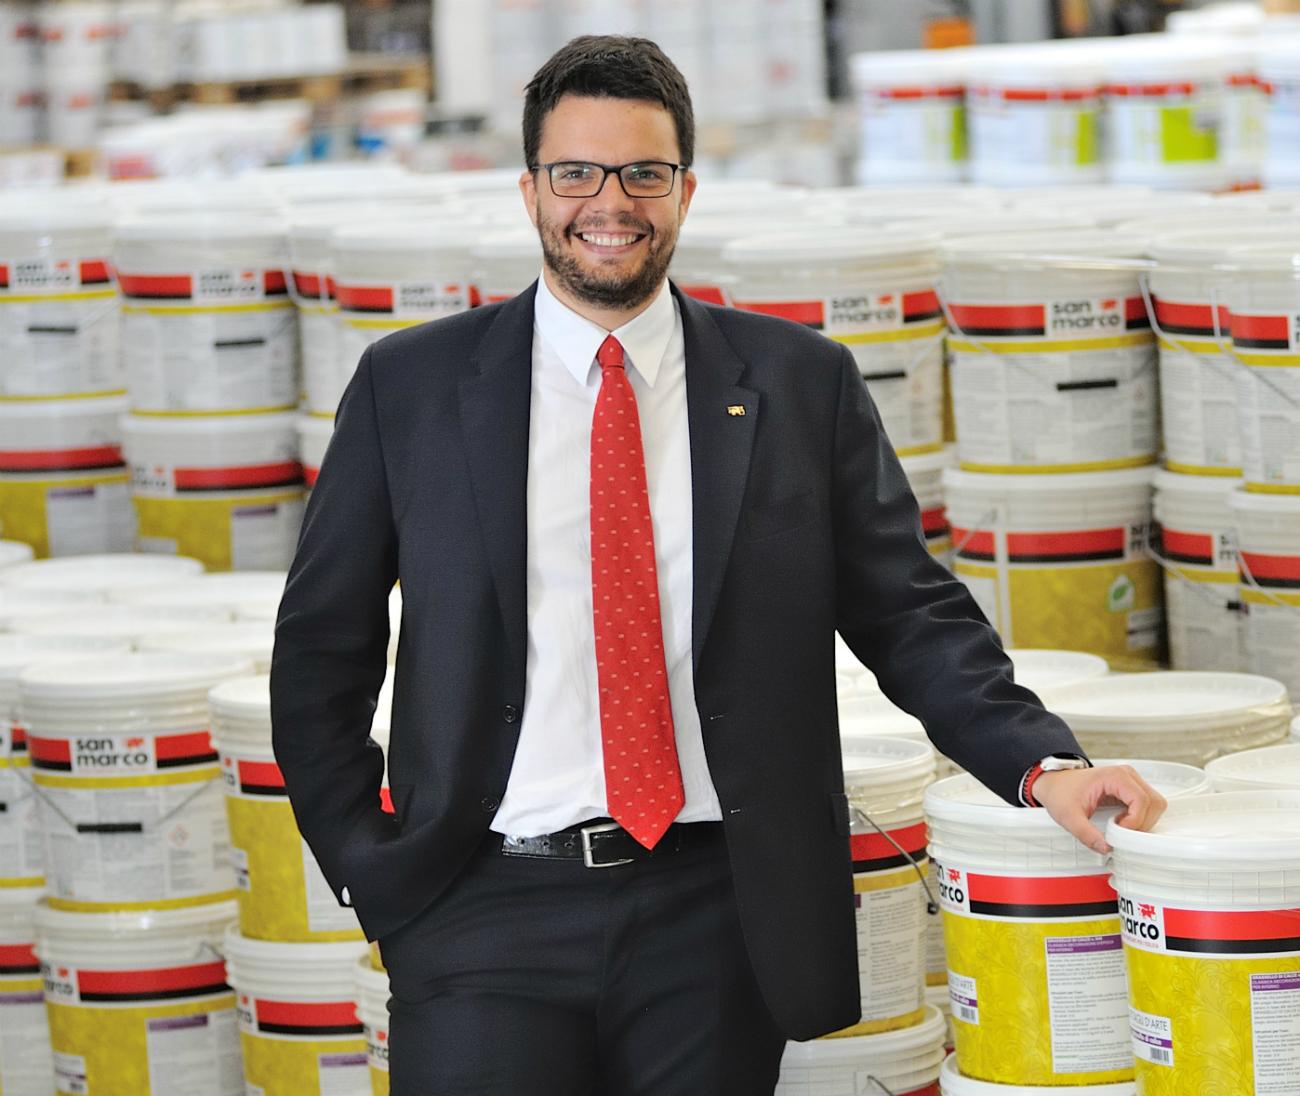 Pietro Geremia, direttore marketing di Colorificio San Marco S.p.A.